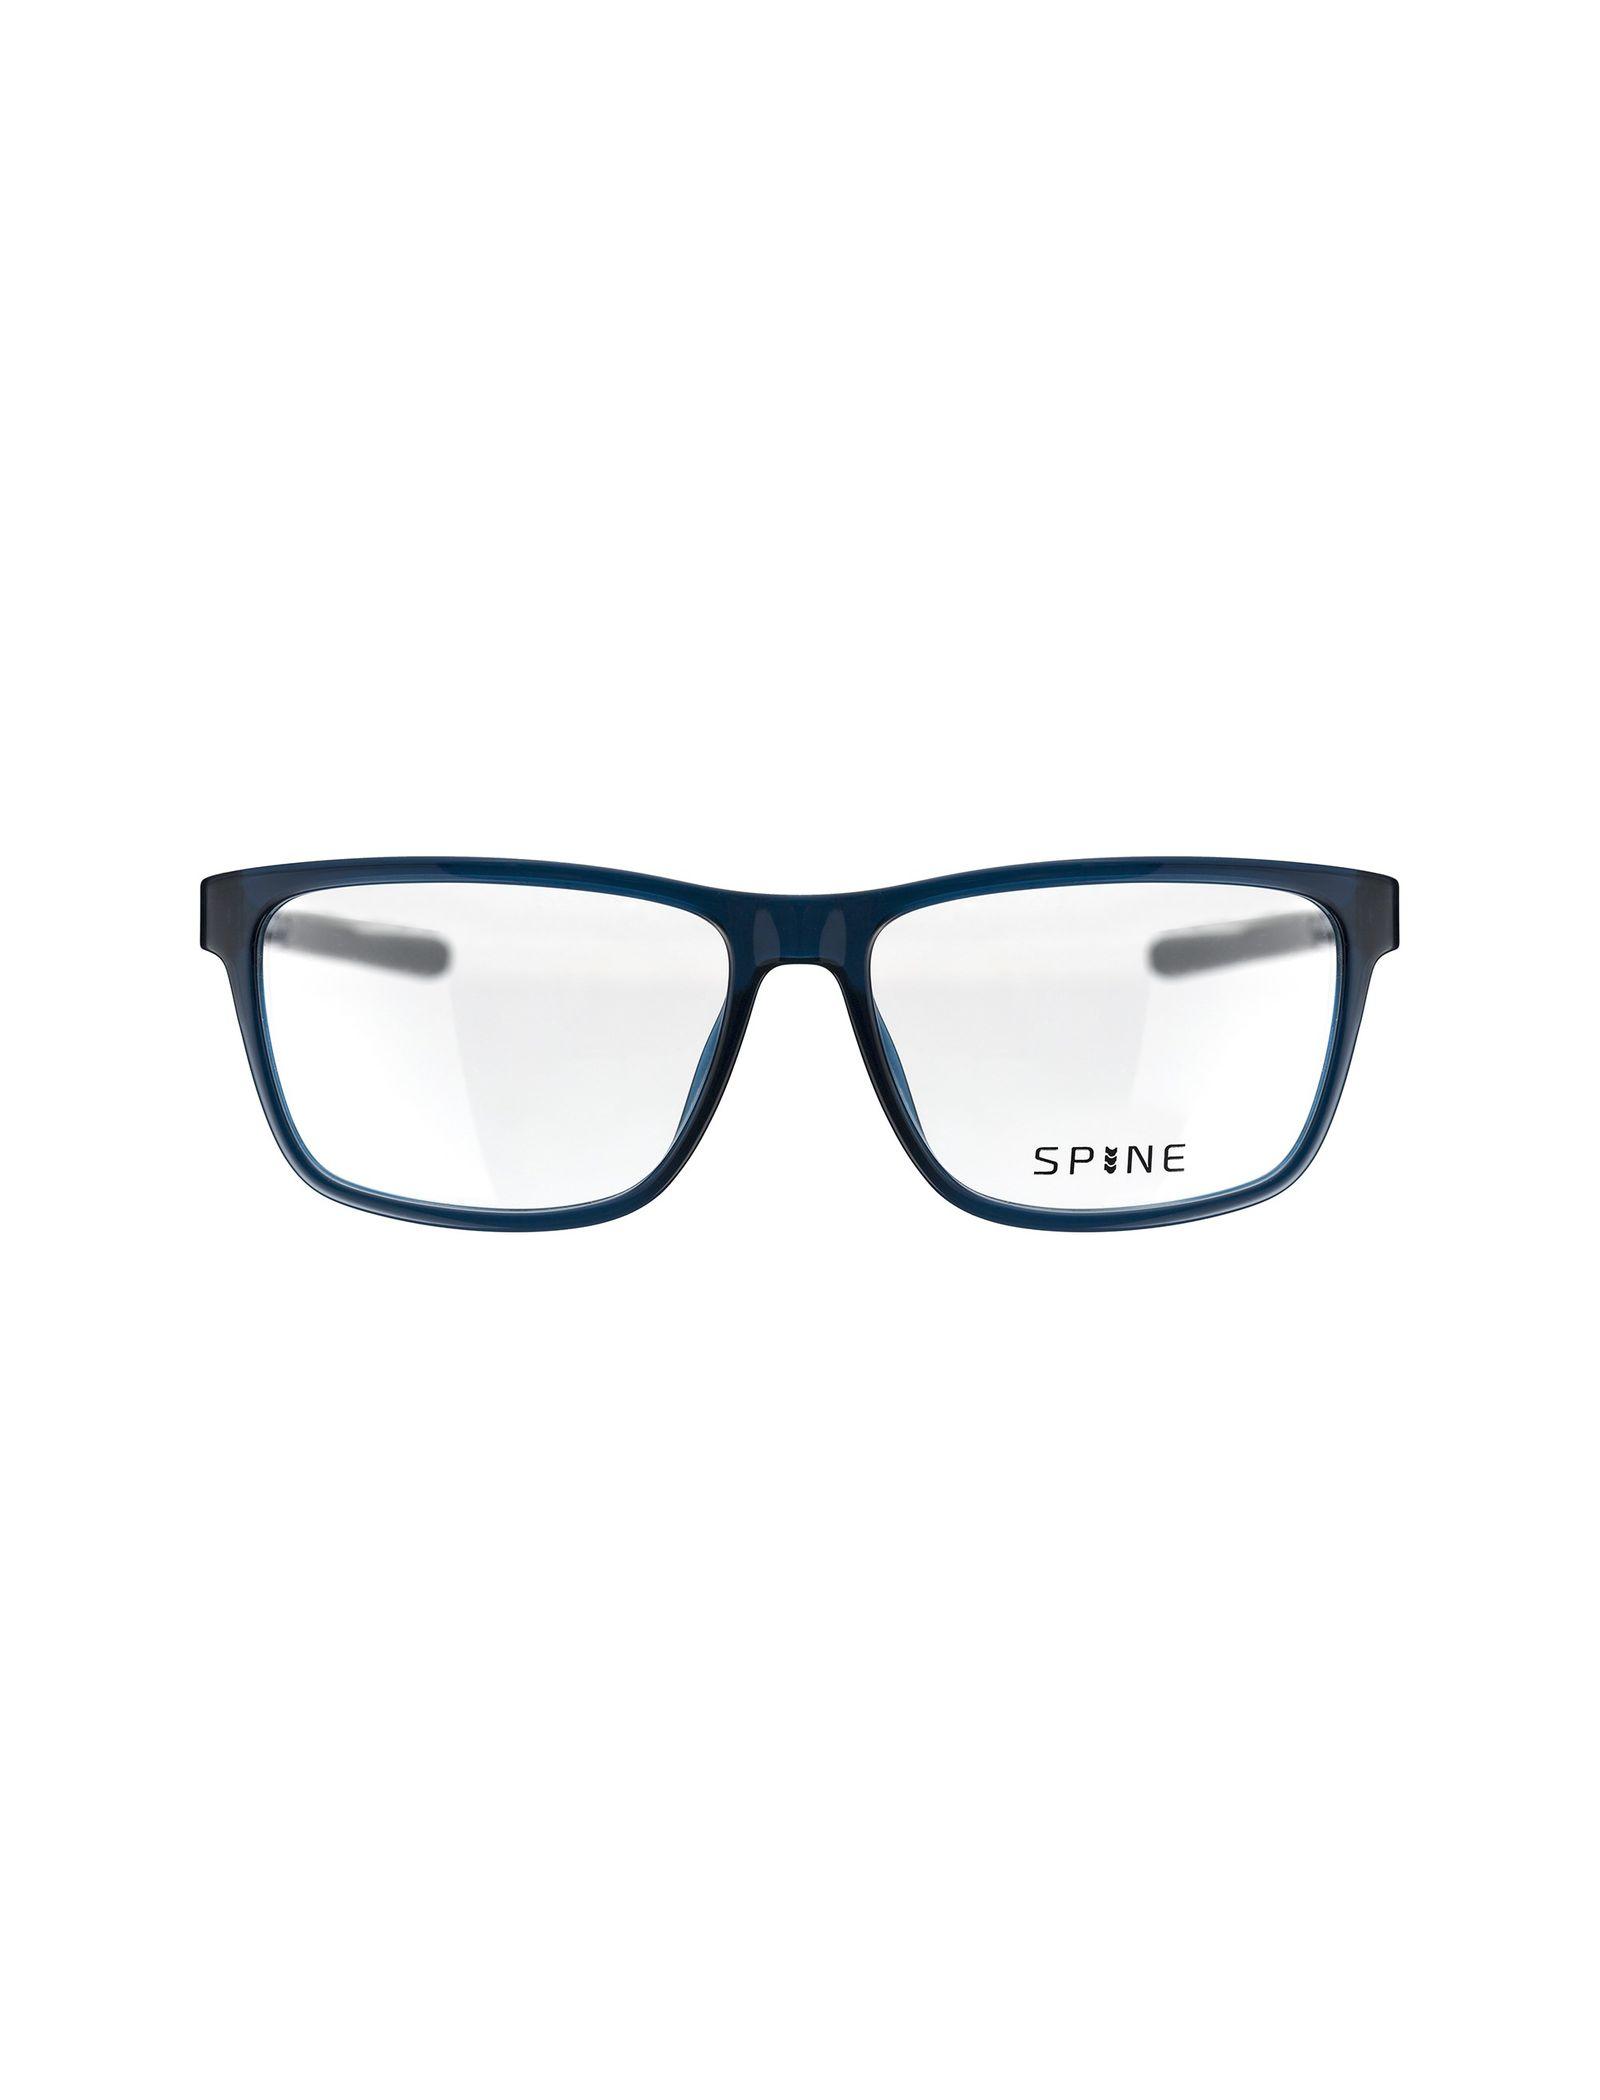 عینک طبی ویفرر زنانه - اسپاین - سرمه اي - 1